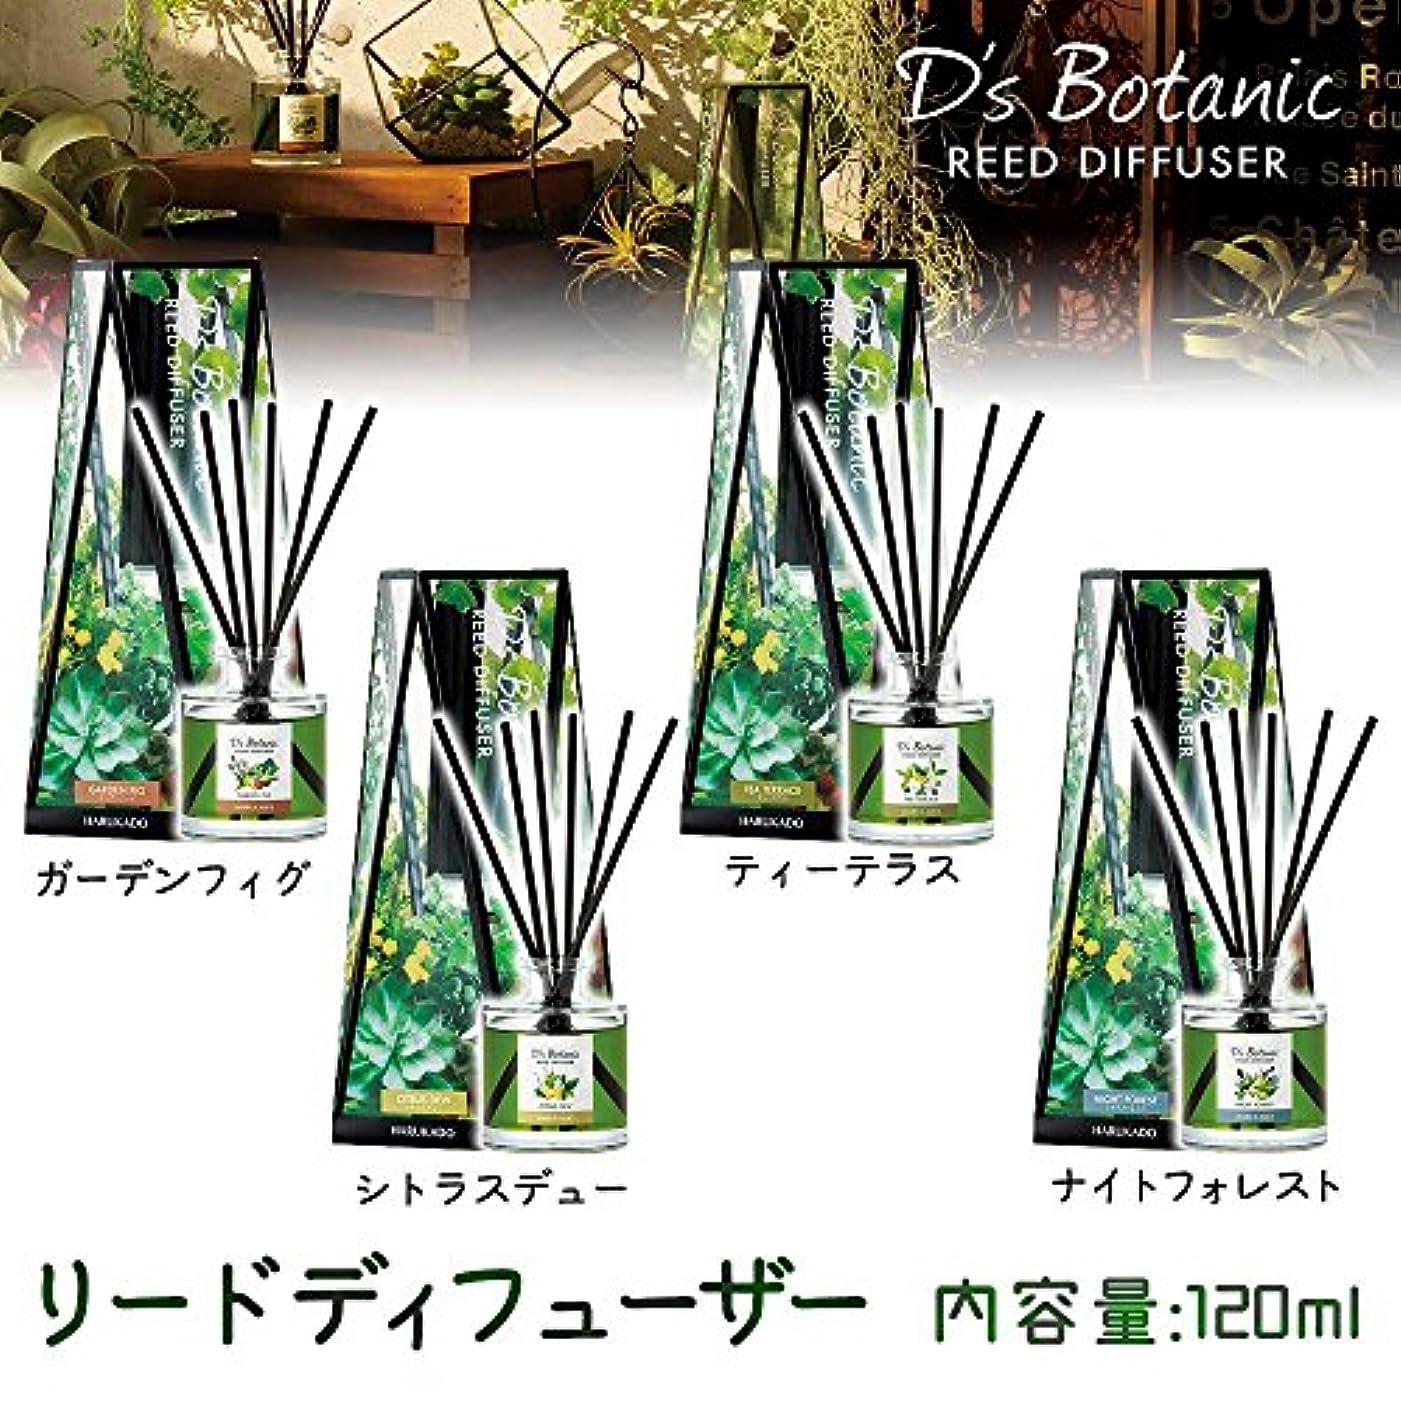 フルーツ野菜星有害D'S Botanic(デイズボタニック) リードディフューザー ルームフレグランス 120ml シトラスデュー?6229【人気 おすすめ 】